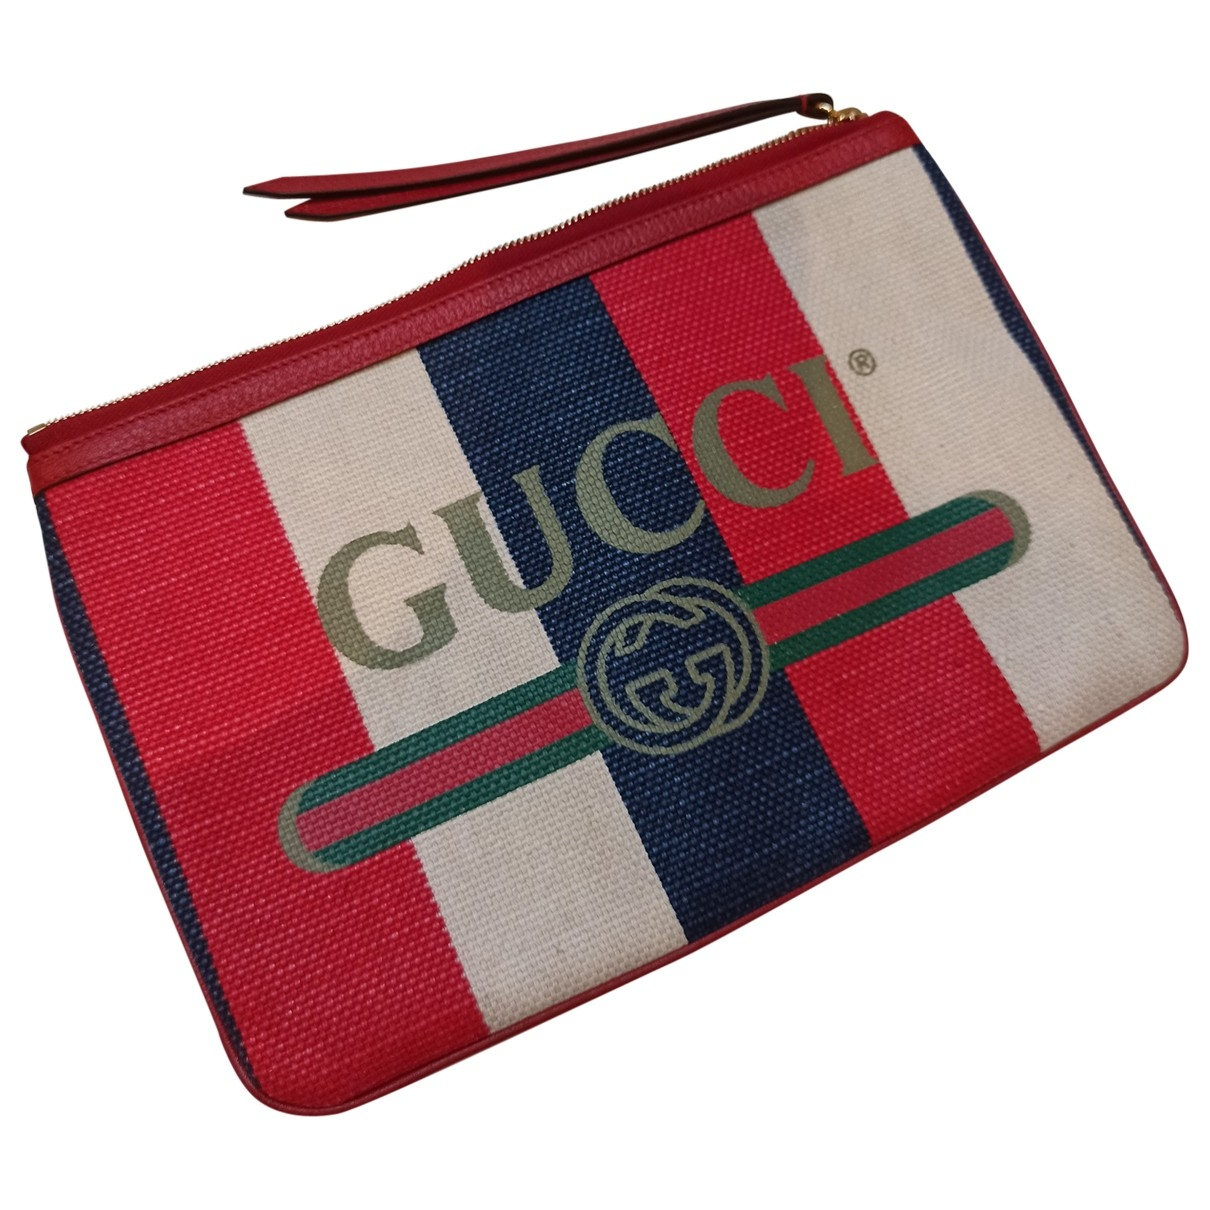 Bolsos clutch en Algodon Rojo Gucci